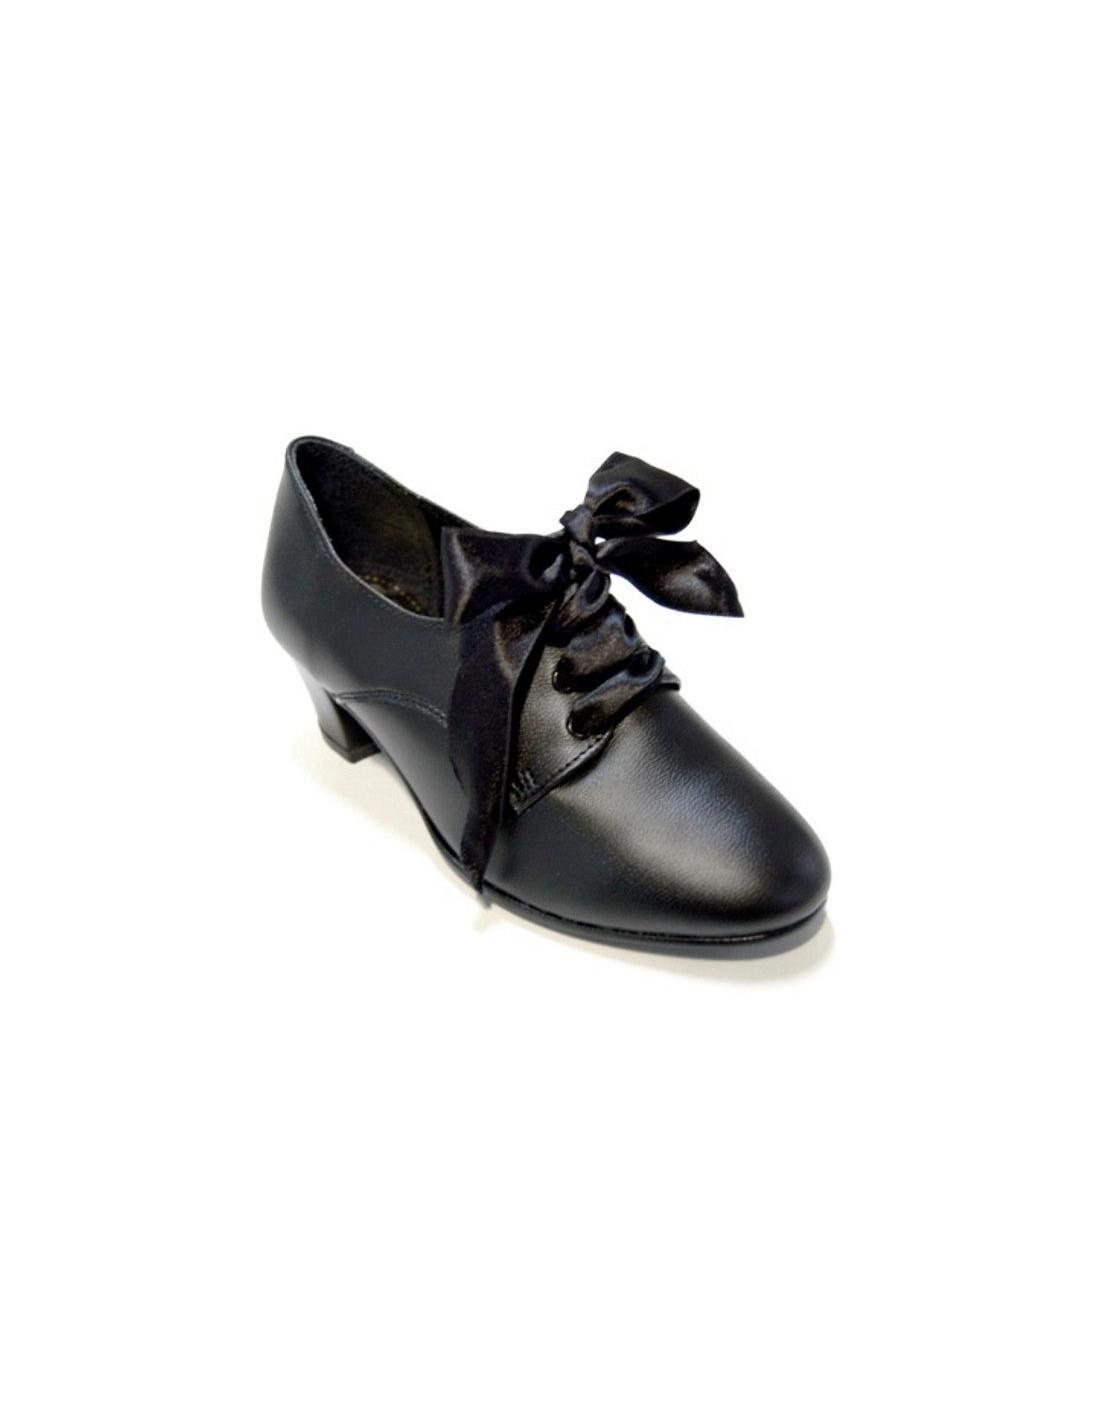 Tienda En Zapato Regional Bacanal Mujer Comprar Disfraces xgxzAwq